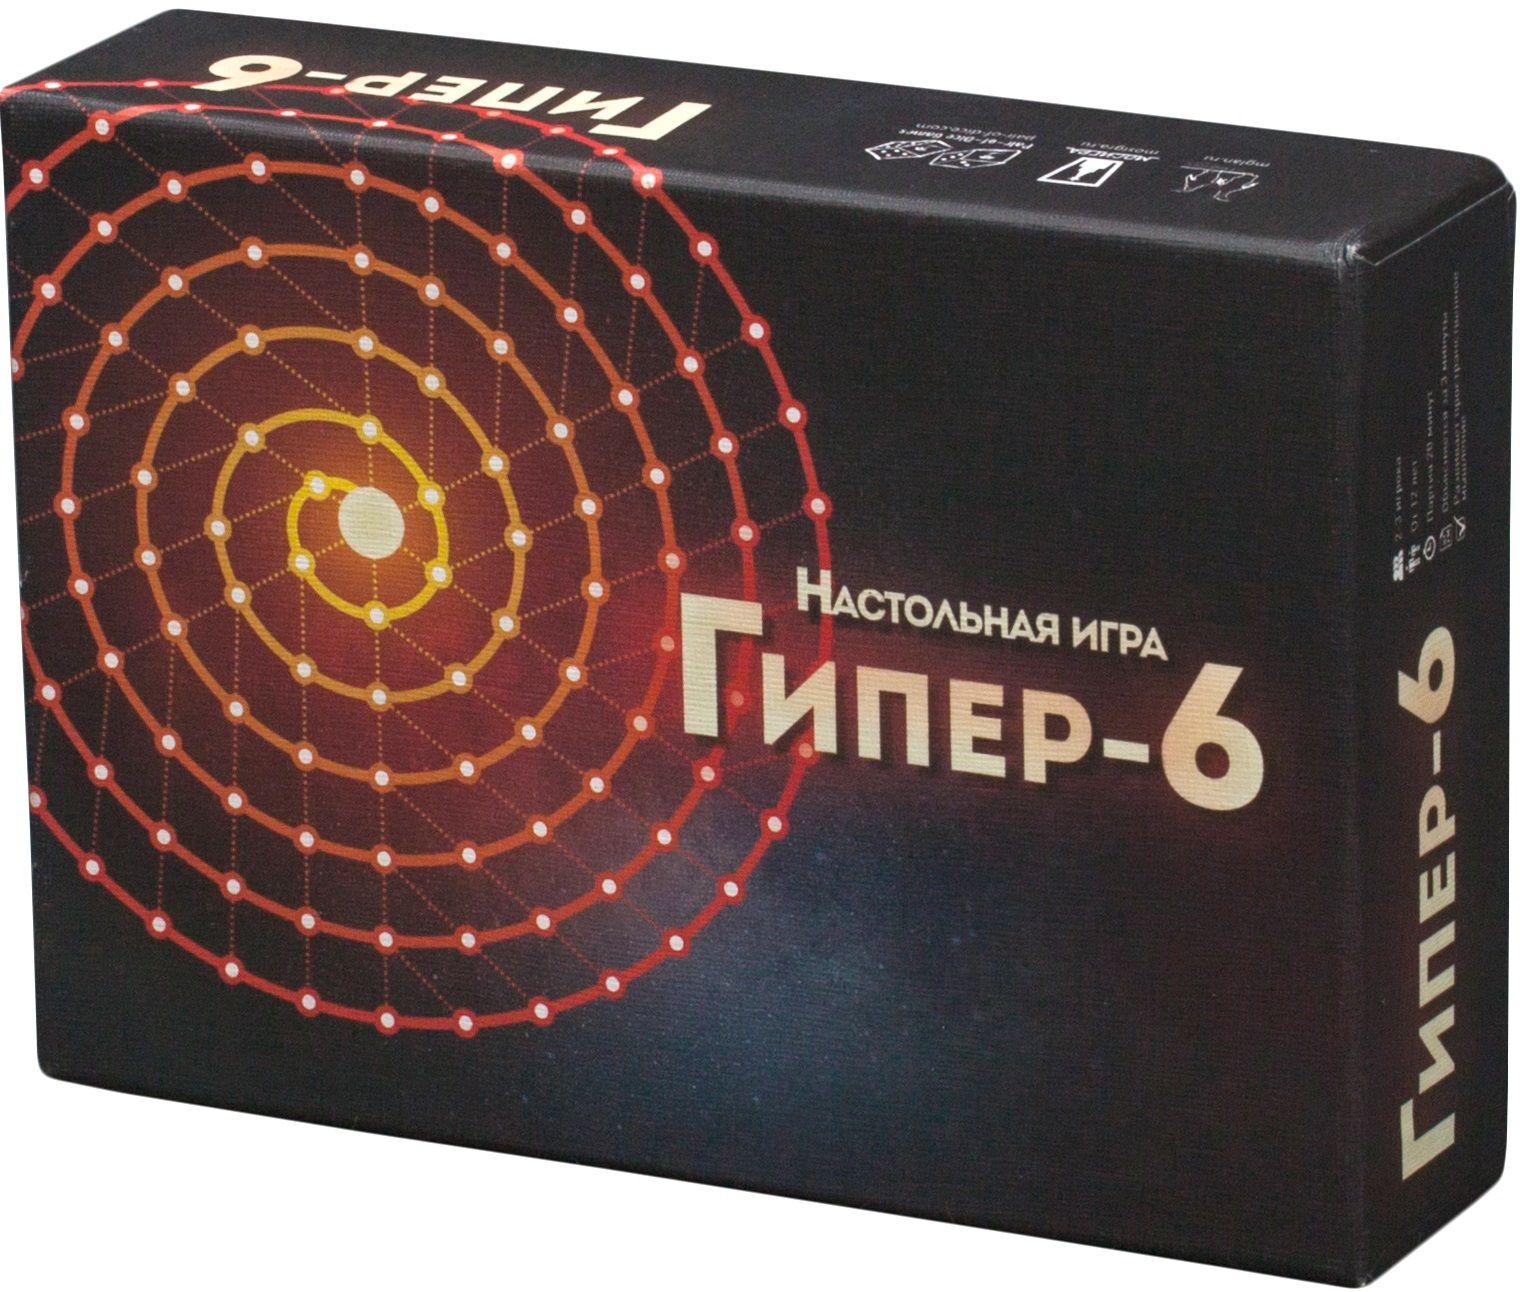 """Купить Настольная игра """"Гипер 6"""" (Warp 6) <span class=""""brend-last-pos"""">Magellan</span> в интернет магазине. Цены, фото, описания, характеристики, отзывы, обзоры"""